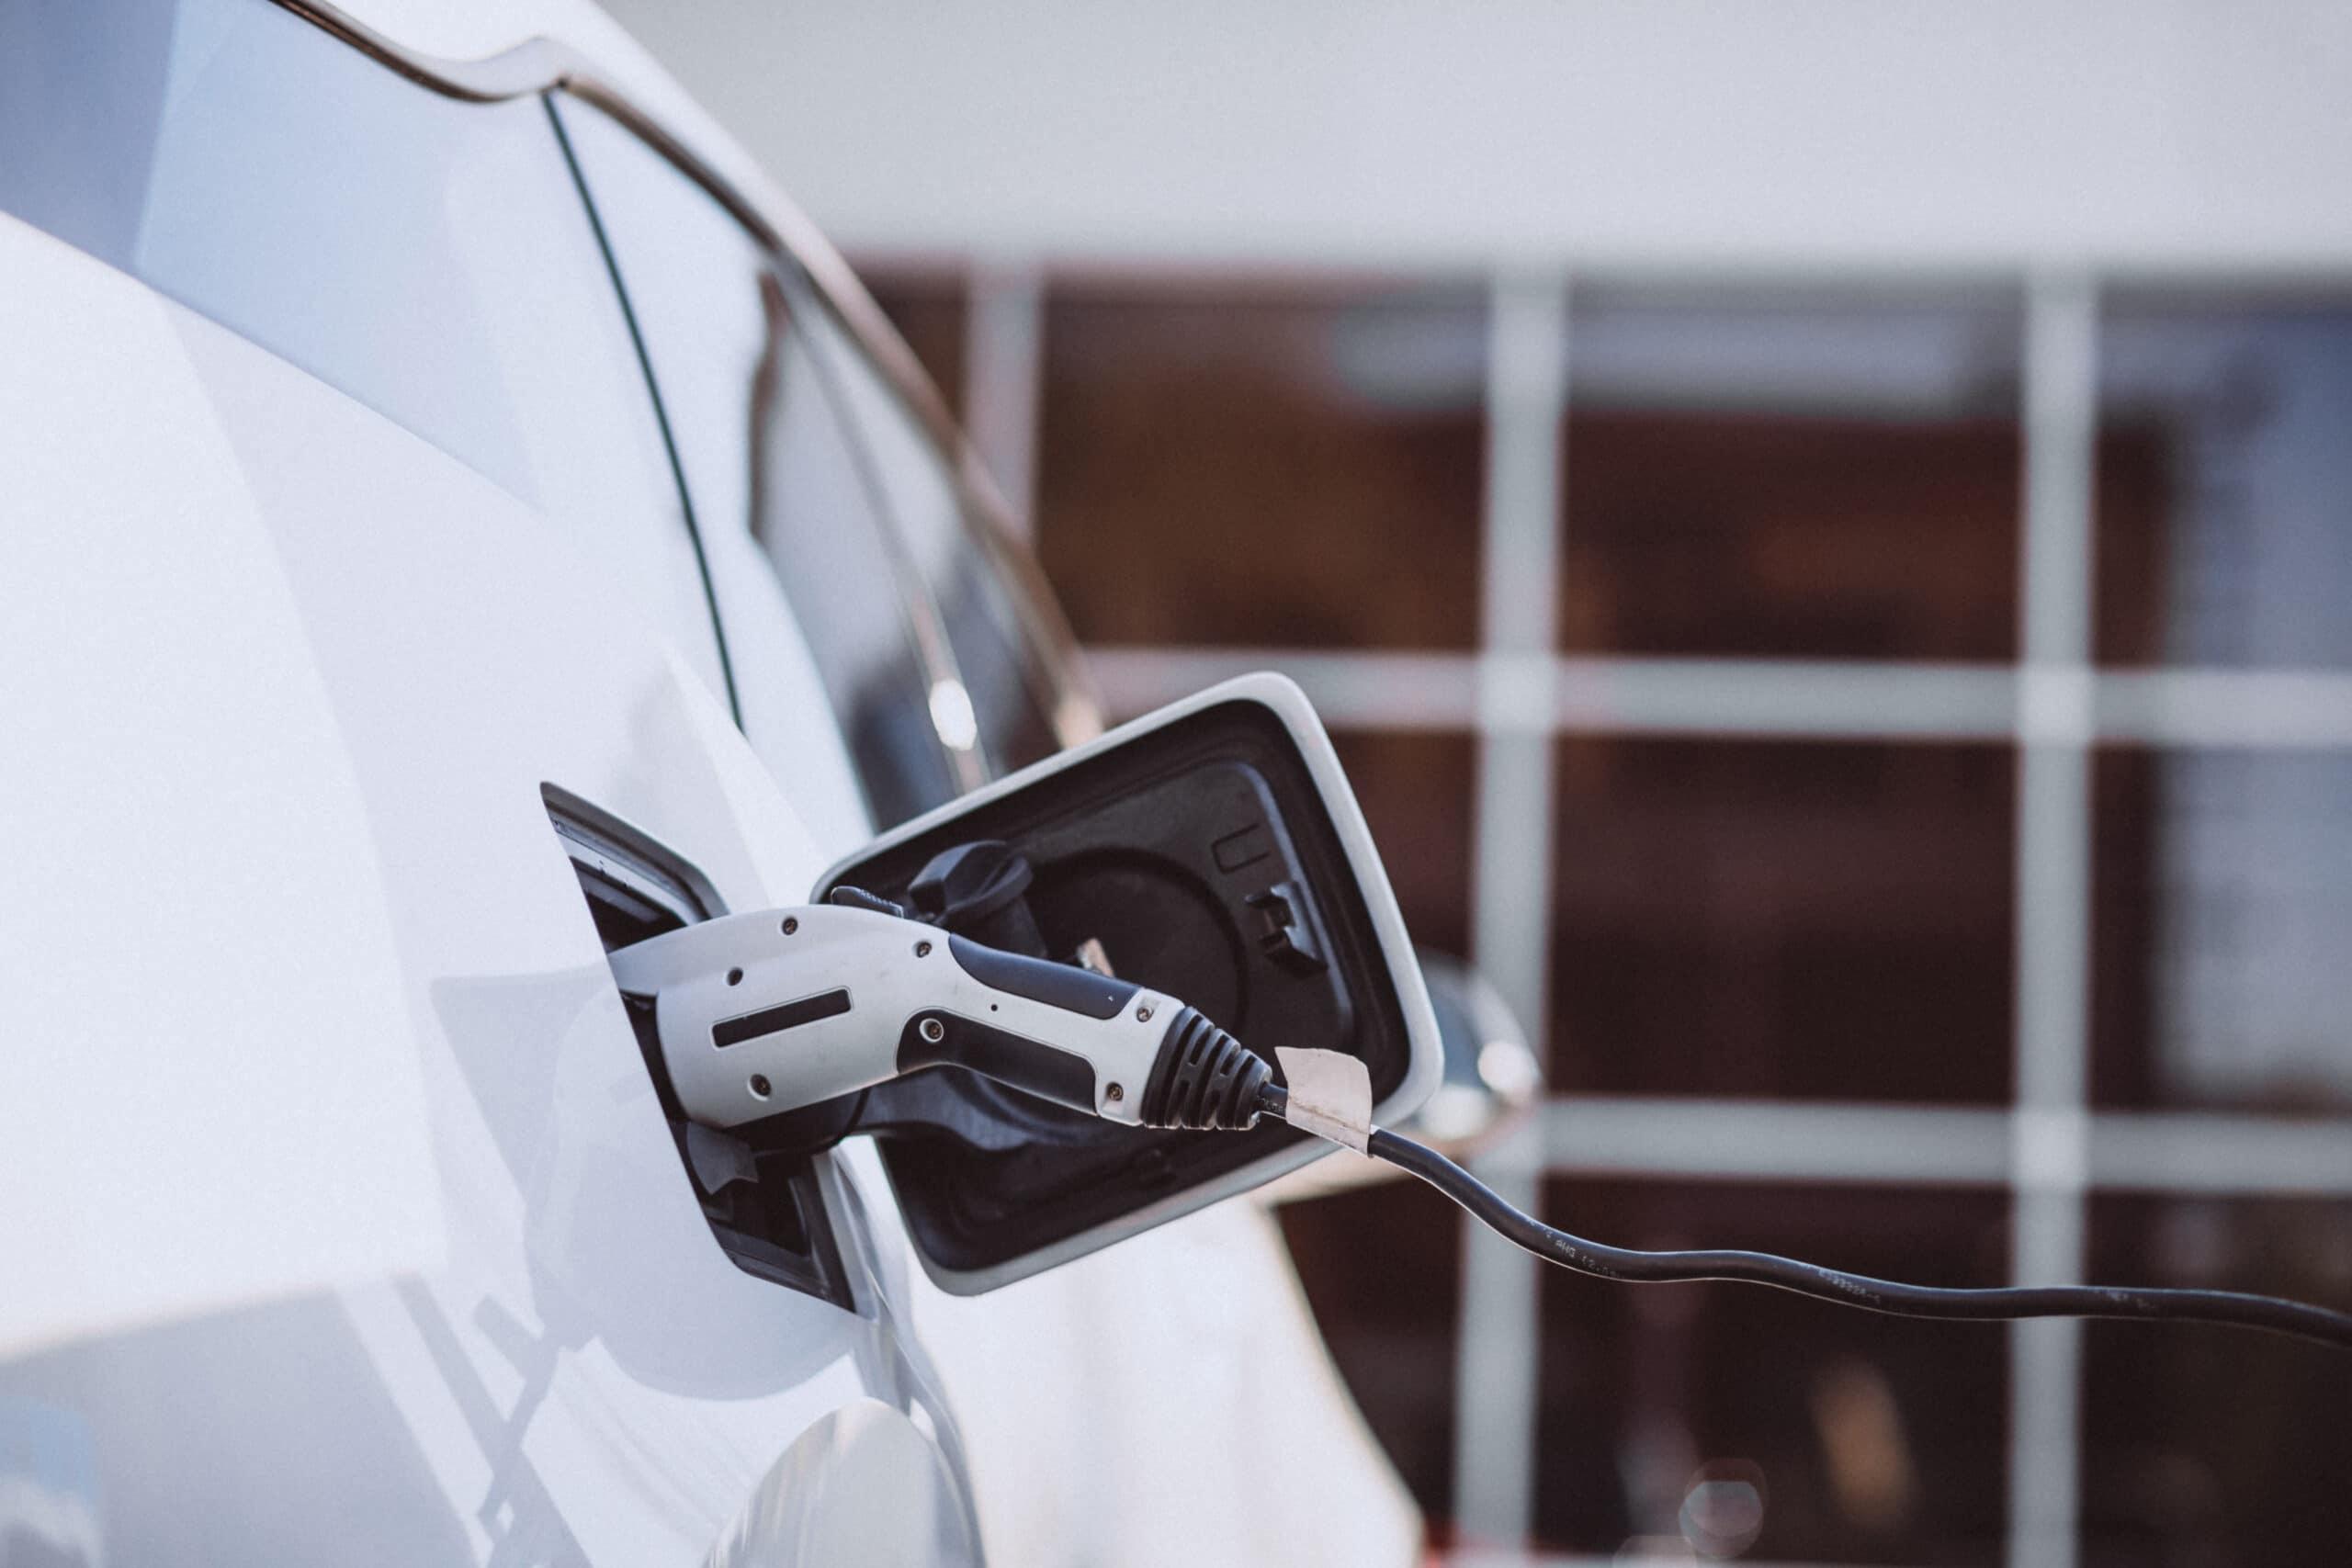 עמדת טעינה לרכב חשמלי - תמרי חשמל